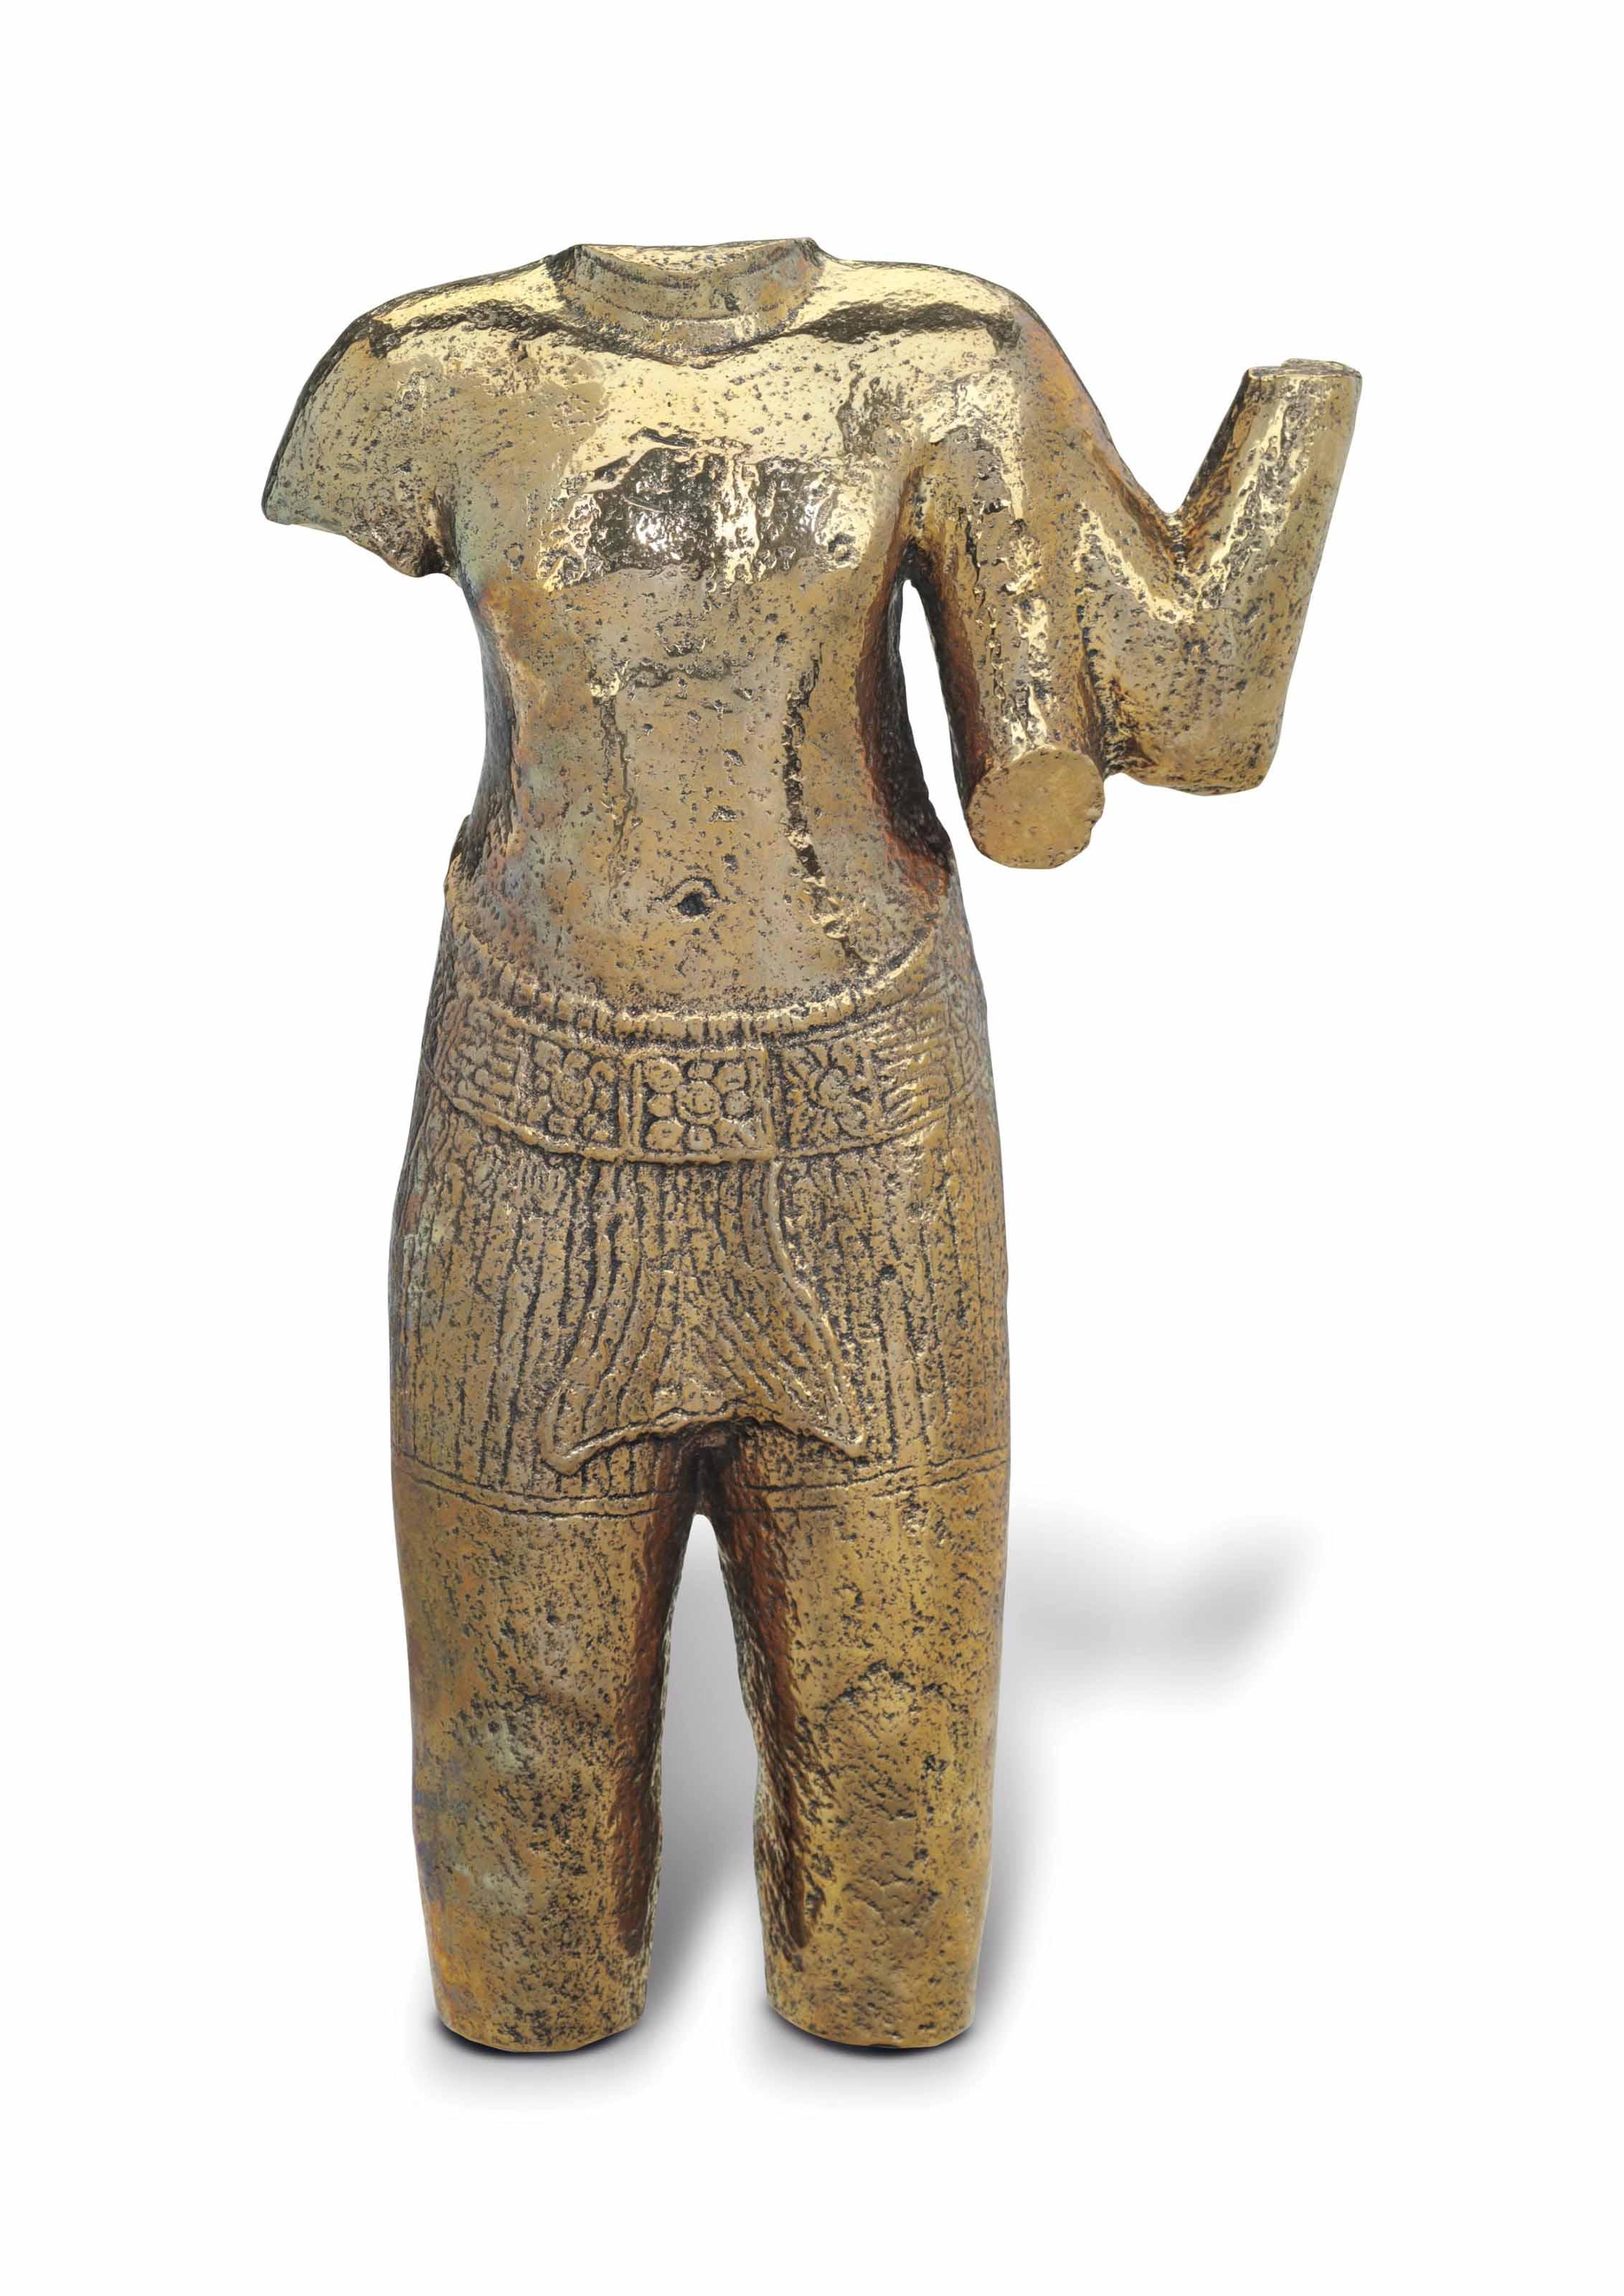 Khmer Torso